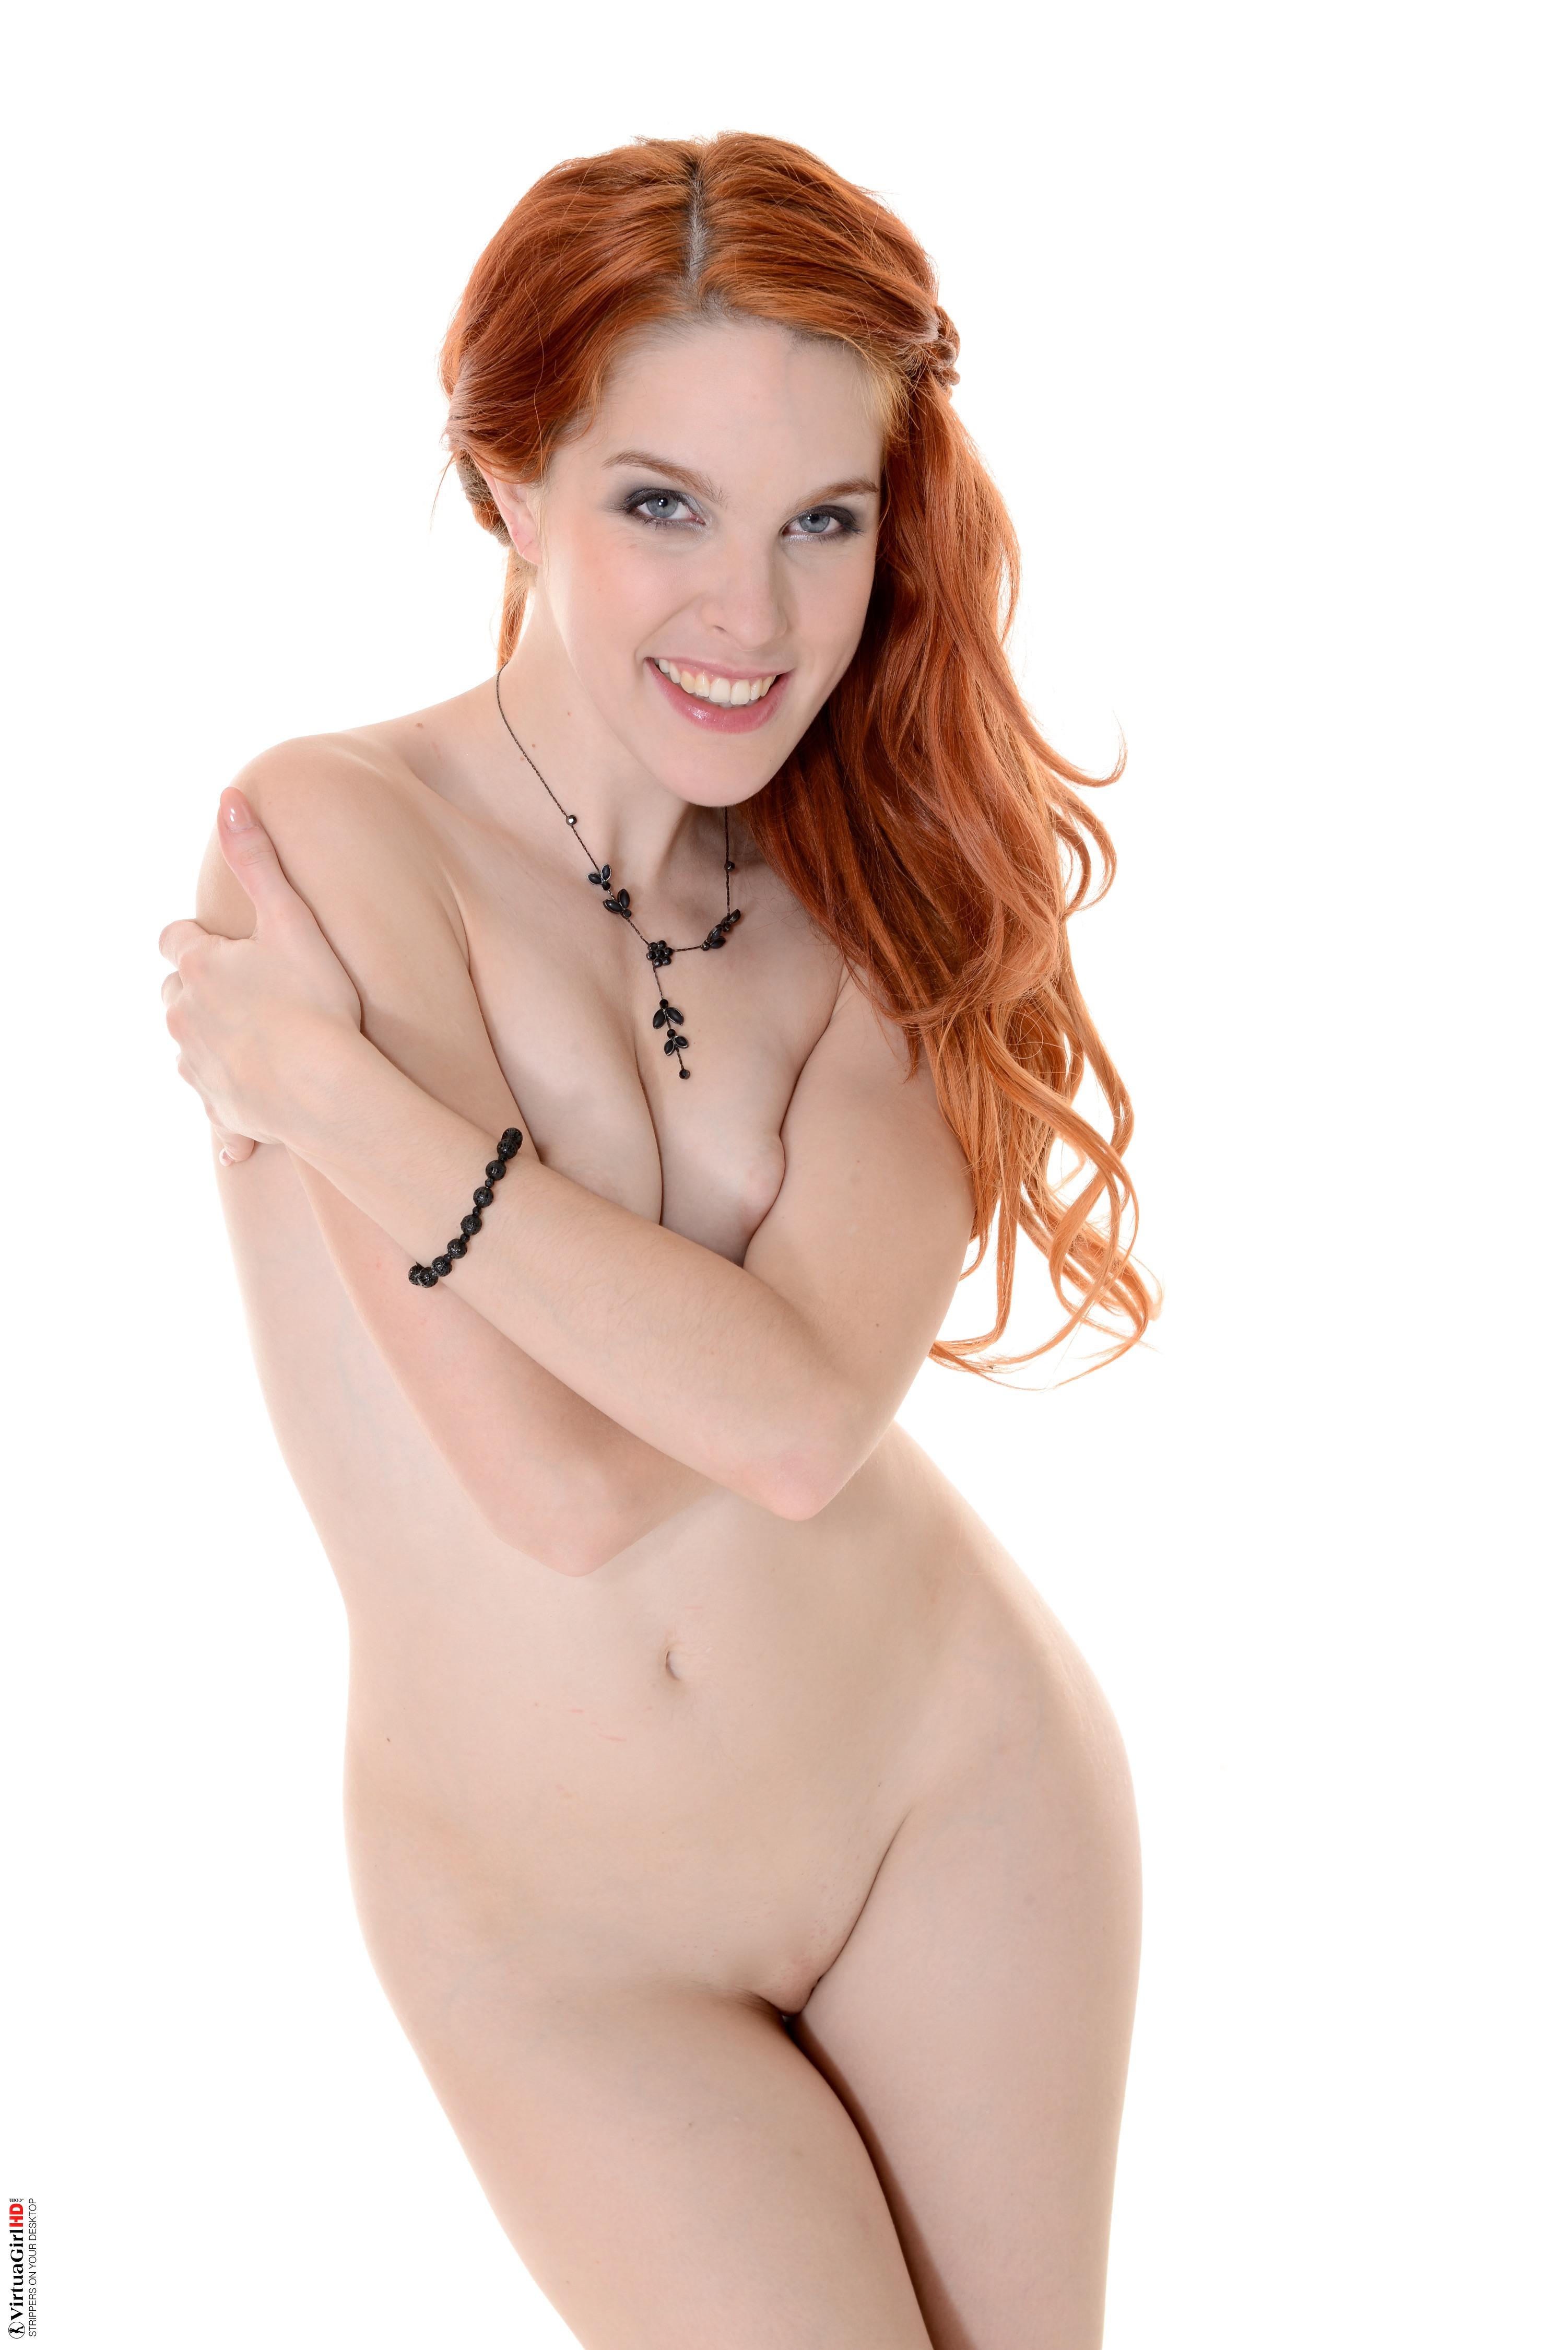 nude girls desktop wallpaper